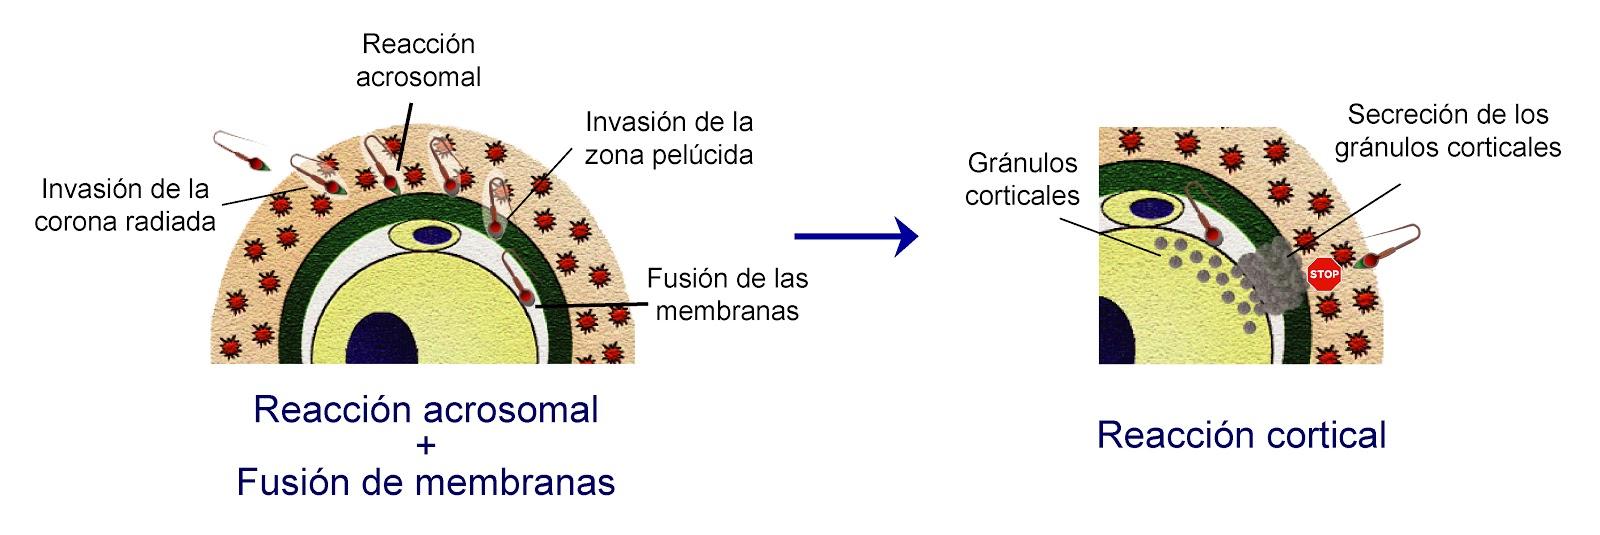 Mecanismo de la fecundación tras la reacción acrosomal y la cortical